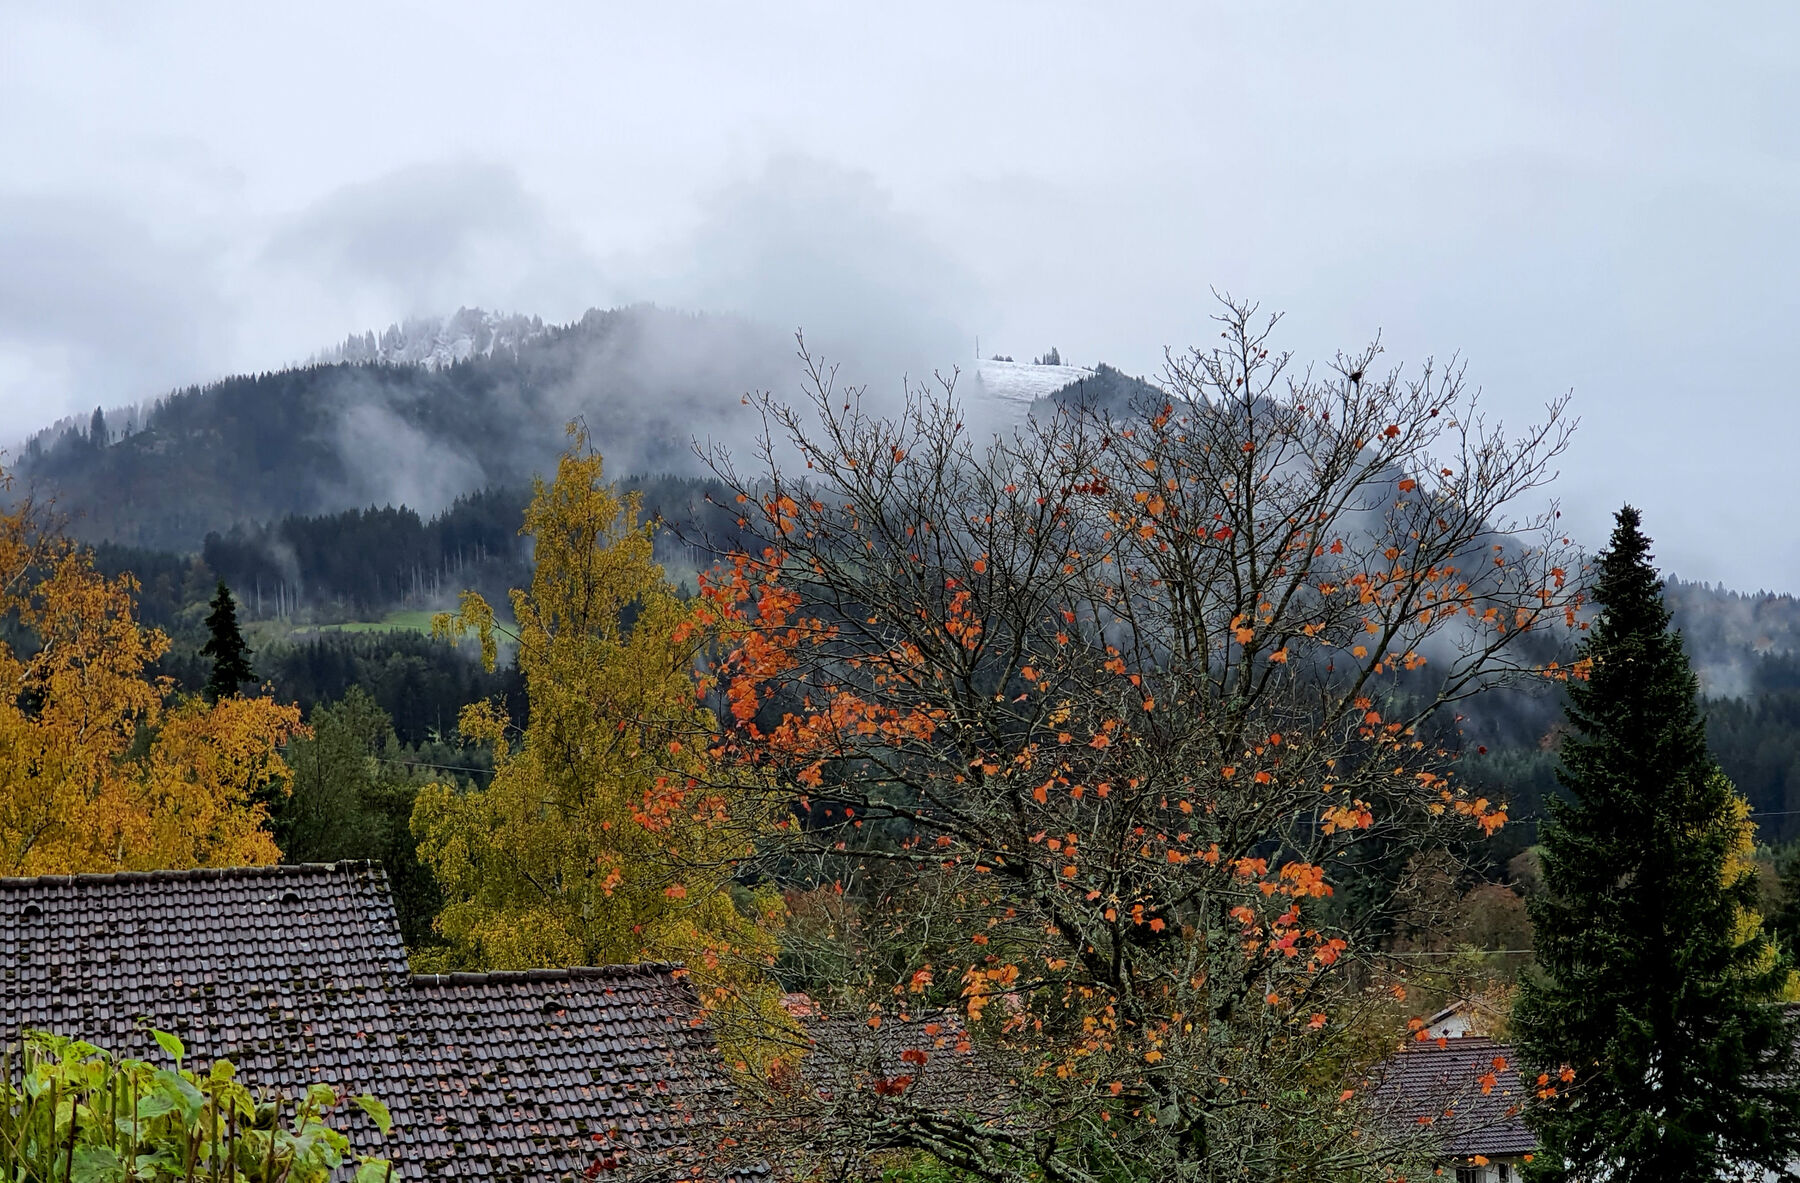 Blick von Terrasse:Erster Schnee im Oktober 2020